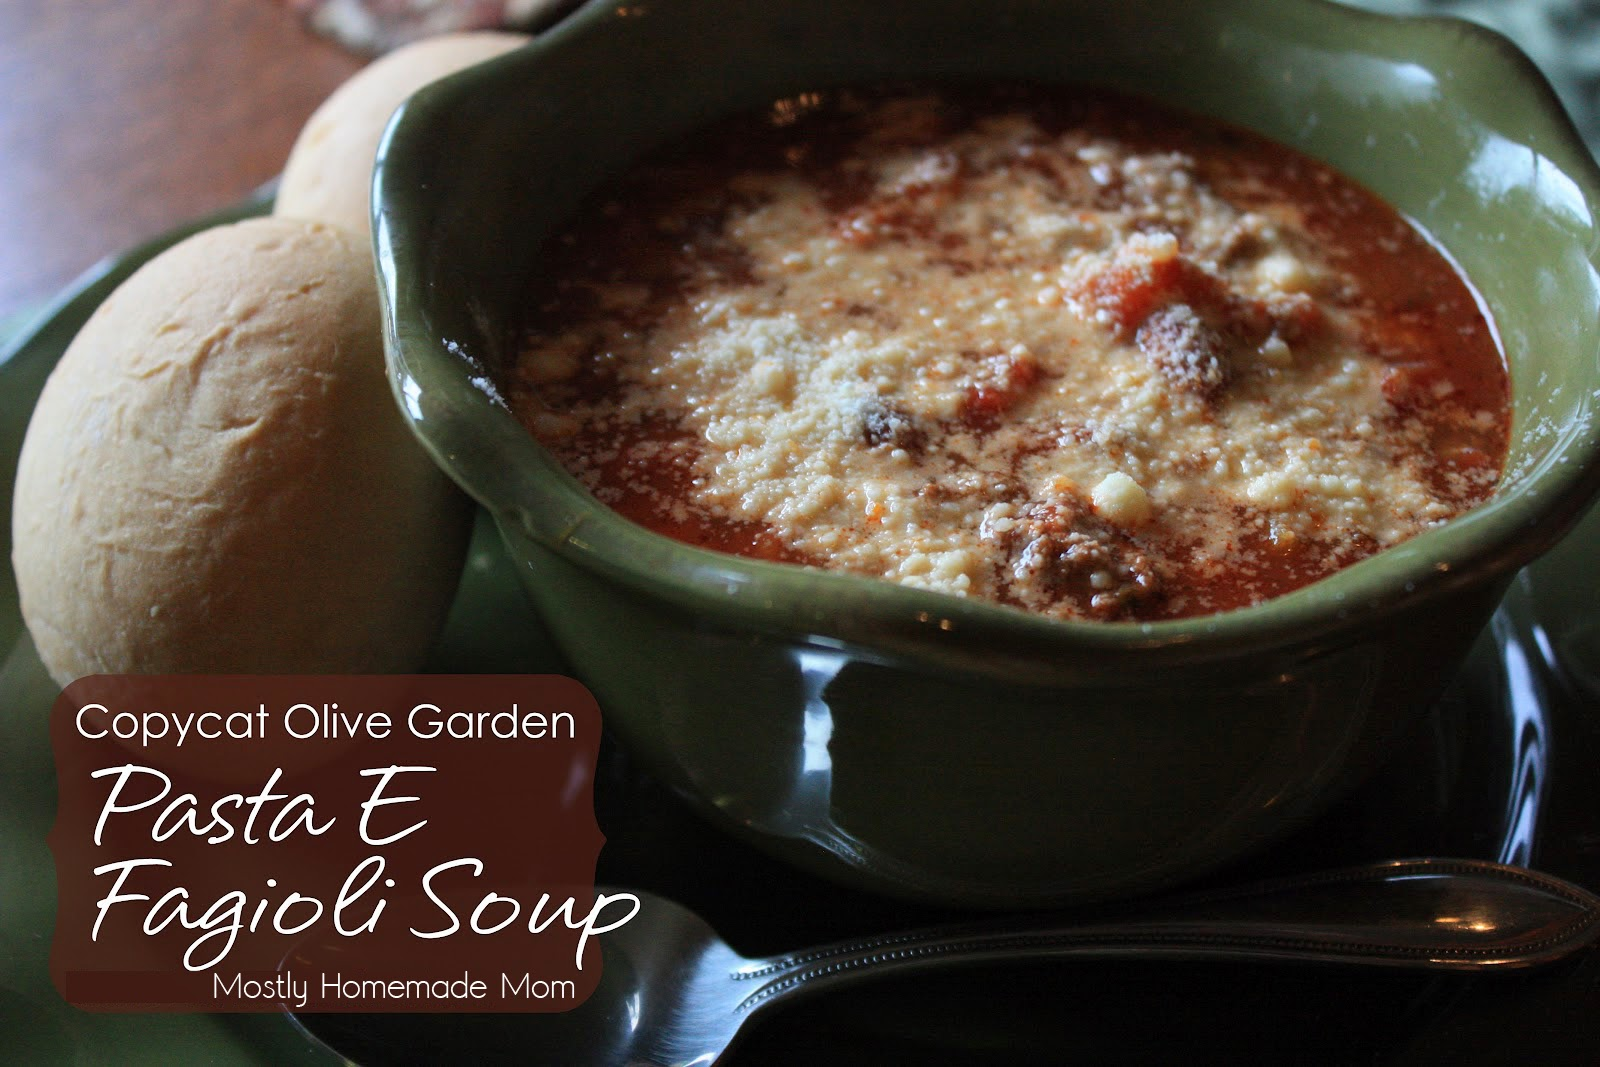 Mostly Homemade Mom: Pasta E Fagioli Soup